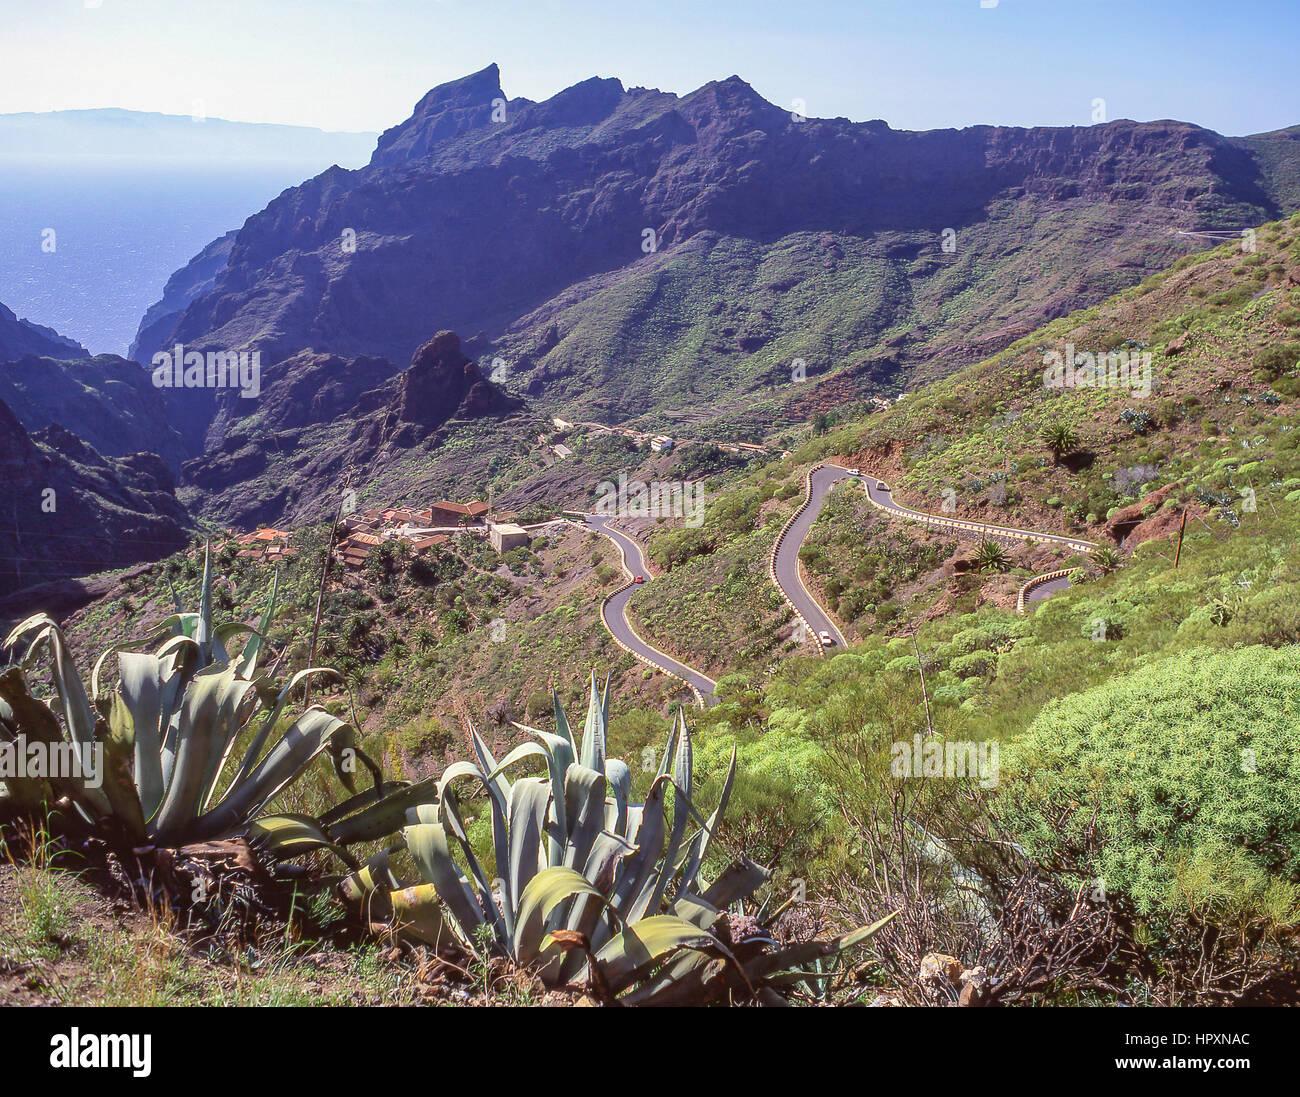 Mirador en la carretera hasta el pueblo de Masca, Teno, Tenerife, Islas Canarias, España Imagen De Stock